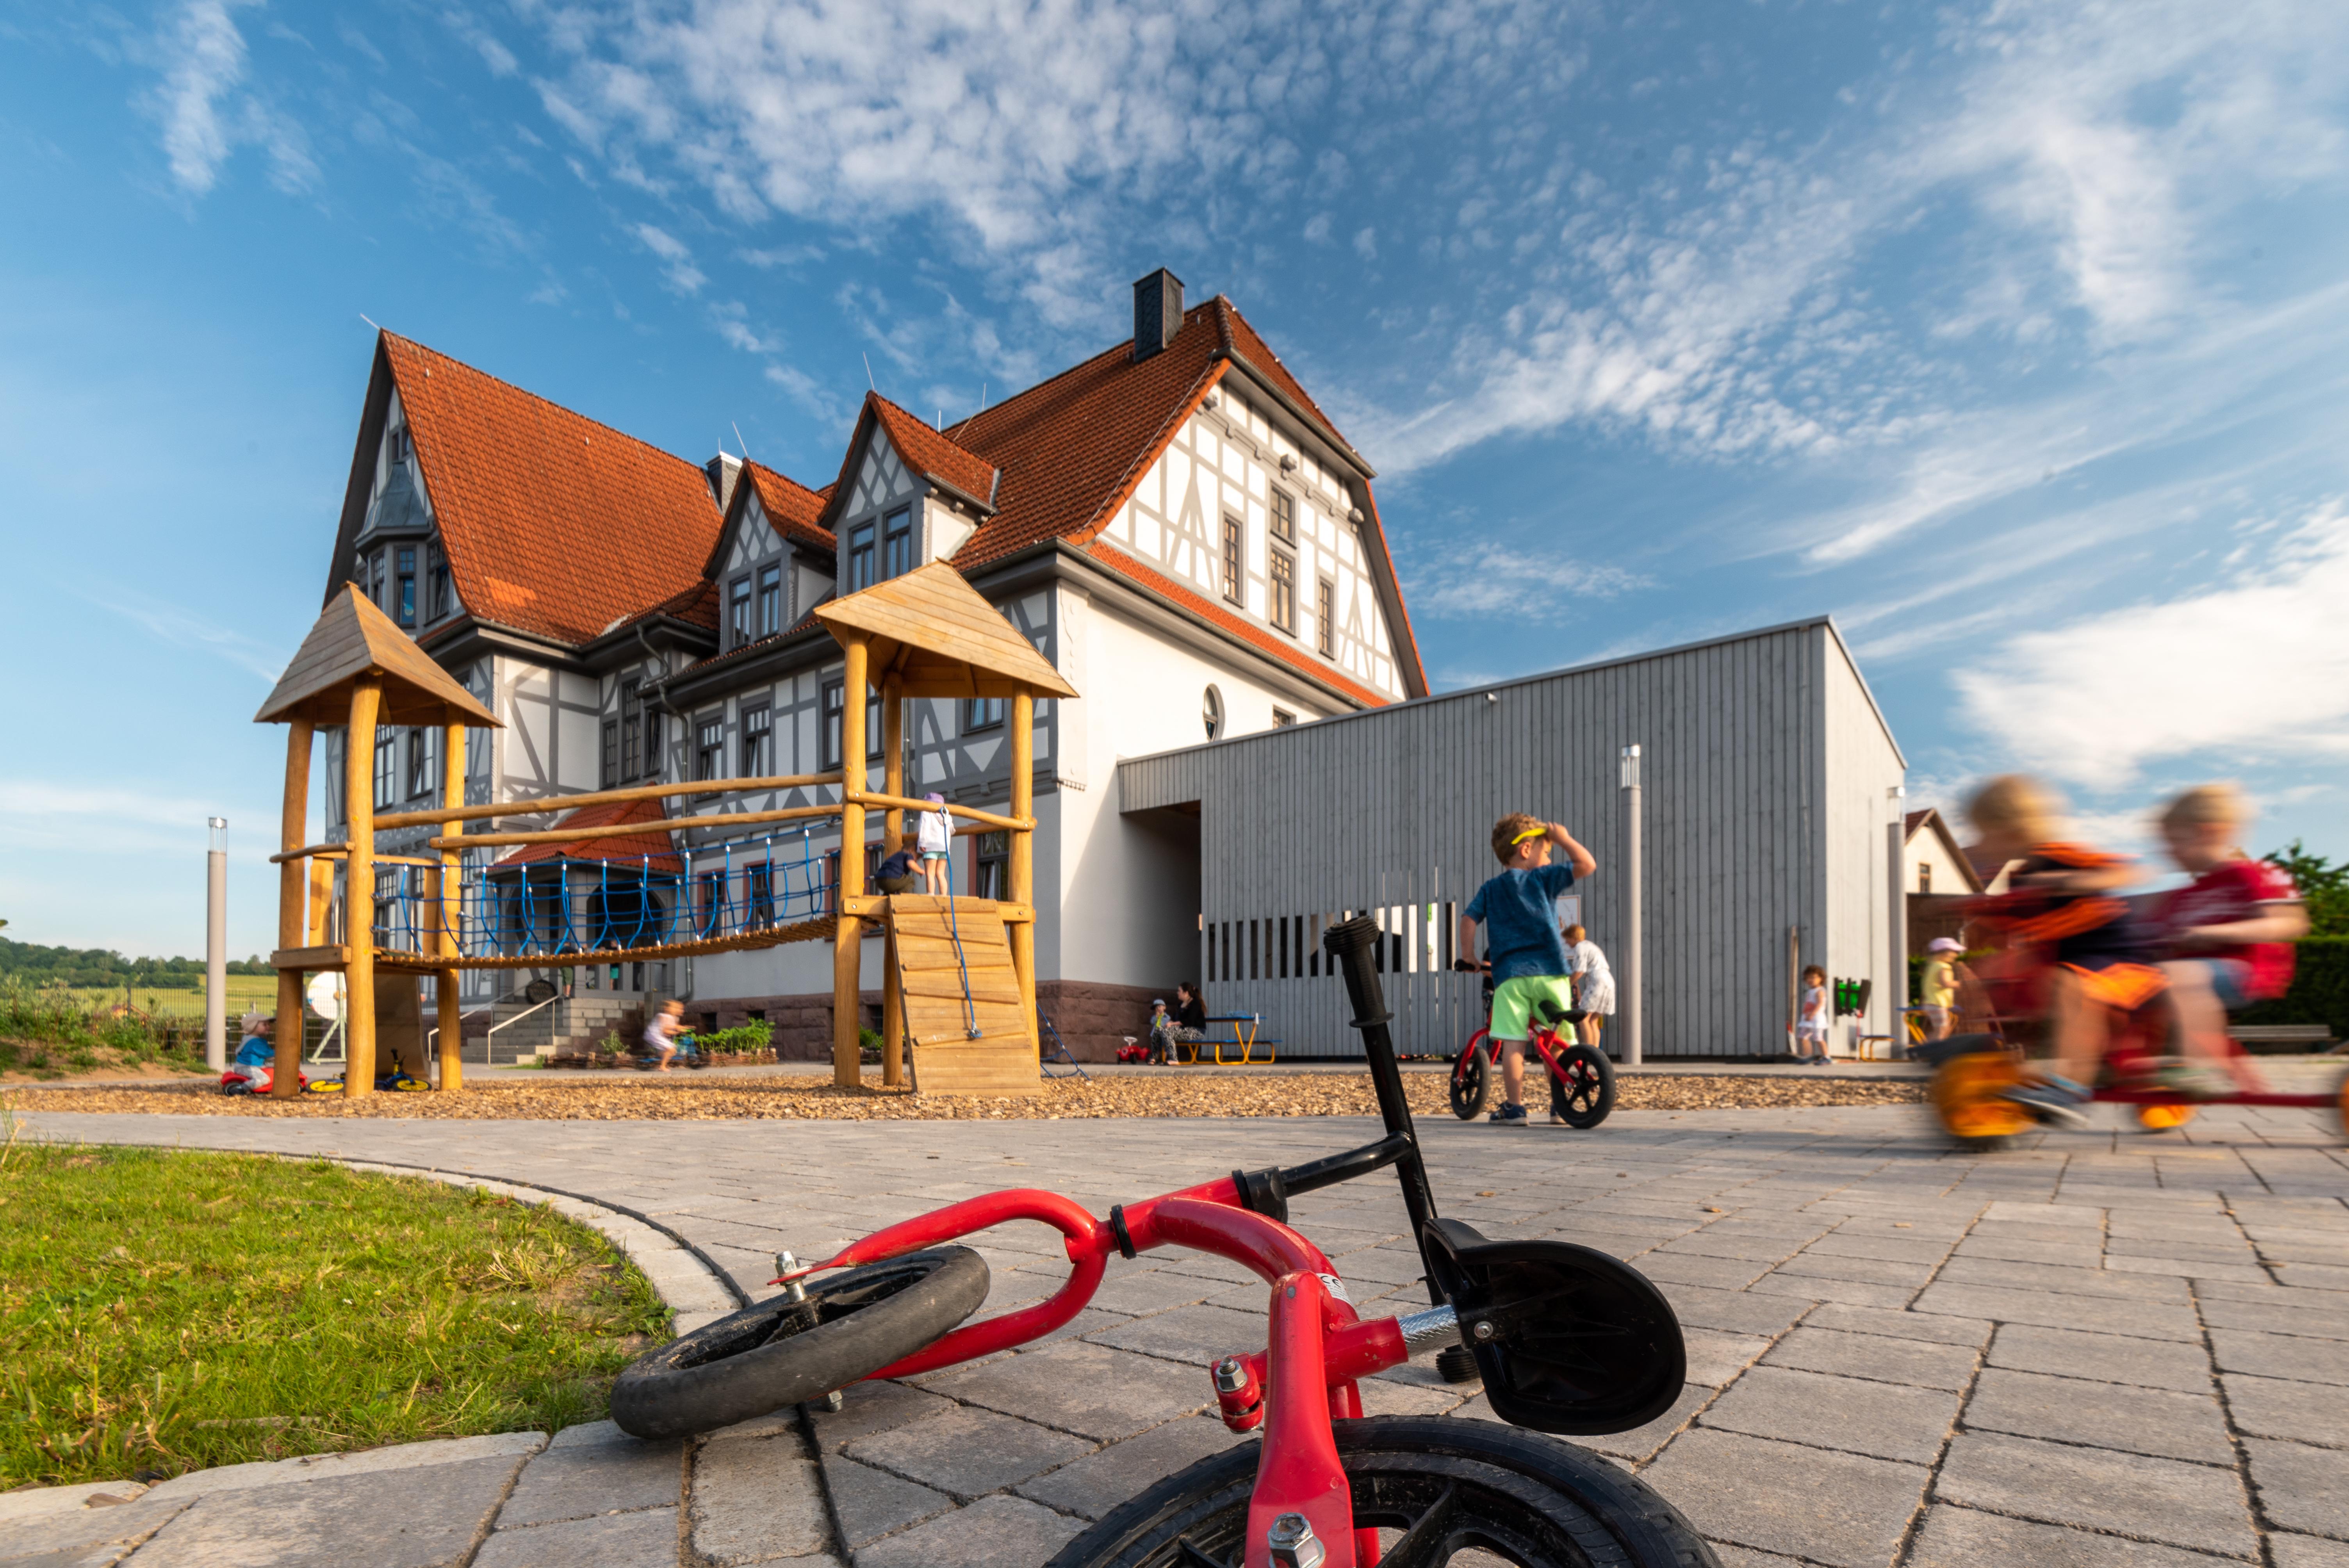 Das sanierte Kinderbildungszentrum (Quelle: Axel Bauer formplus)